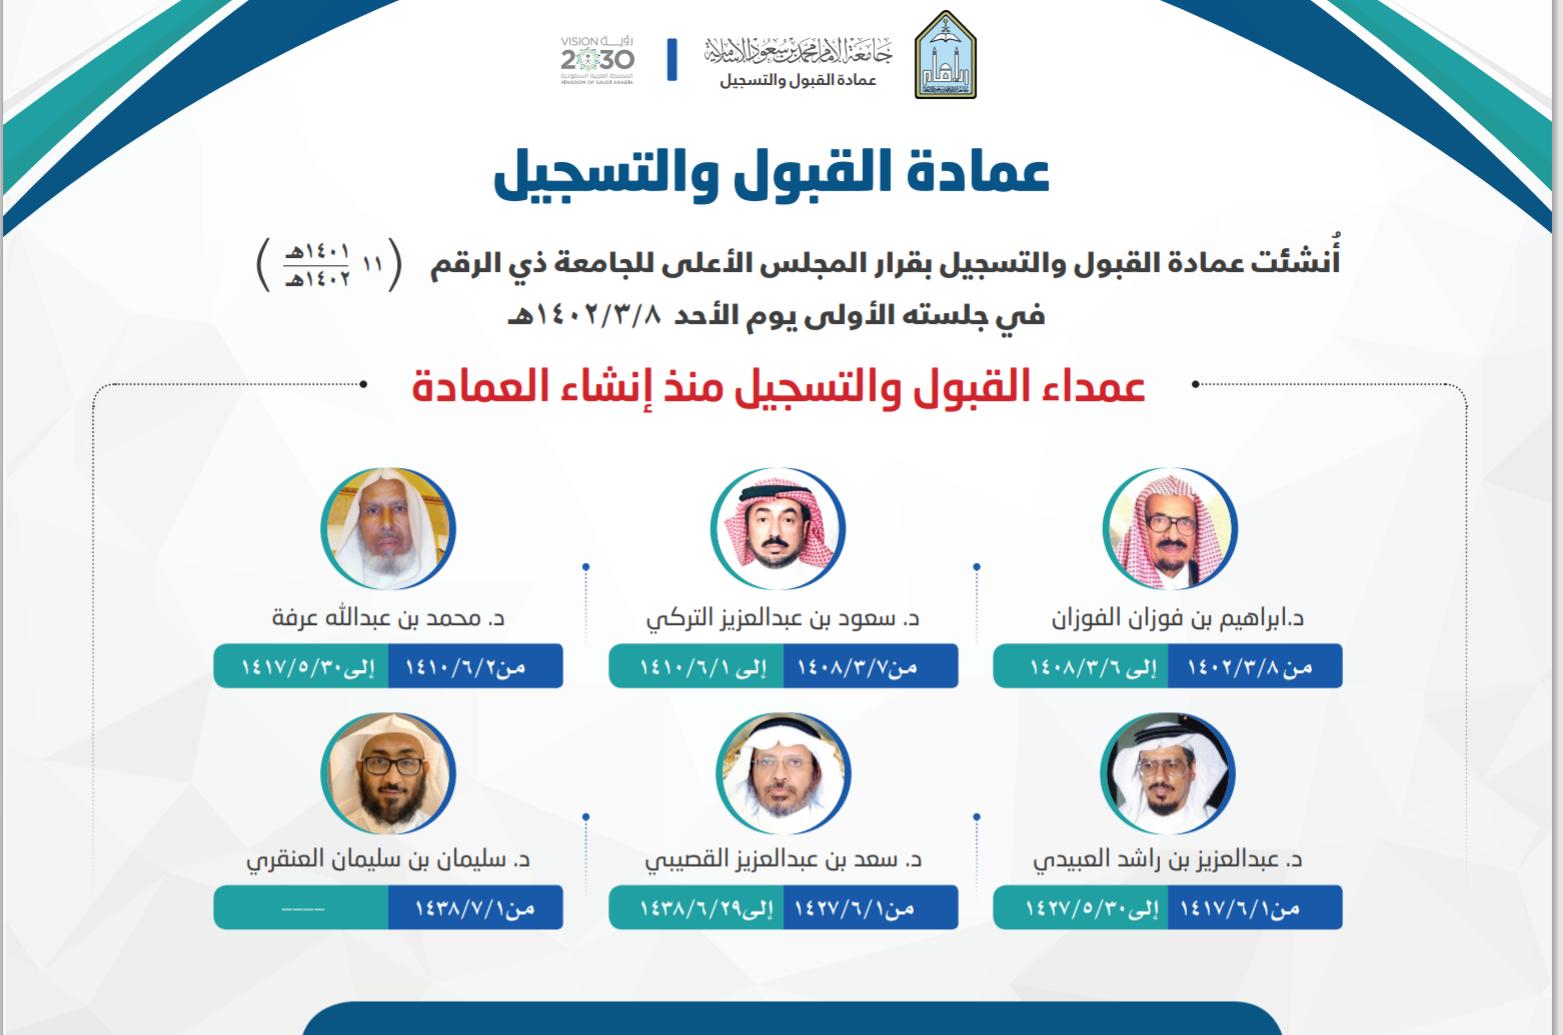 تقرير عن عمادة القبول والتسجيل بجامعة الإمام محمد بن سعود الإسلامية